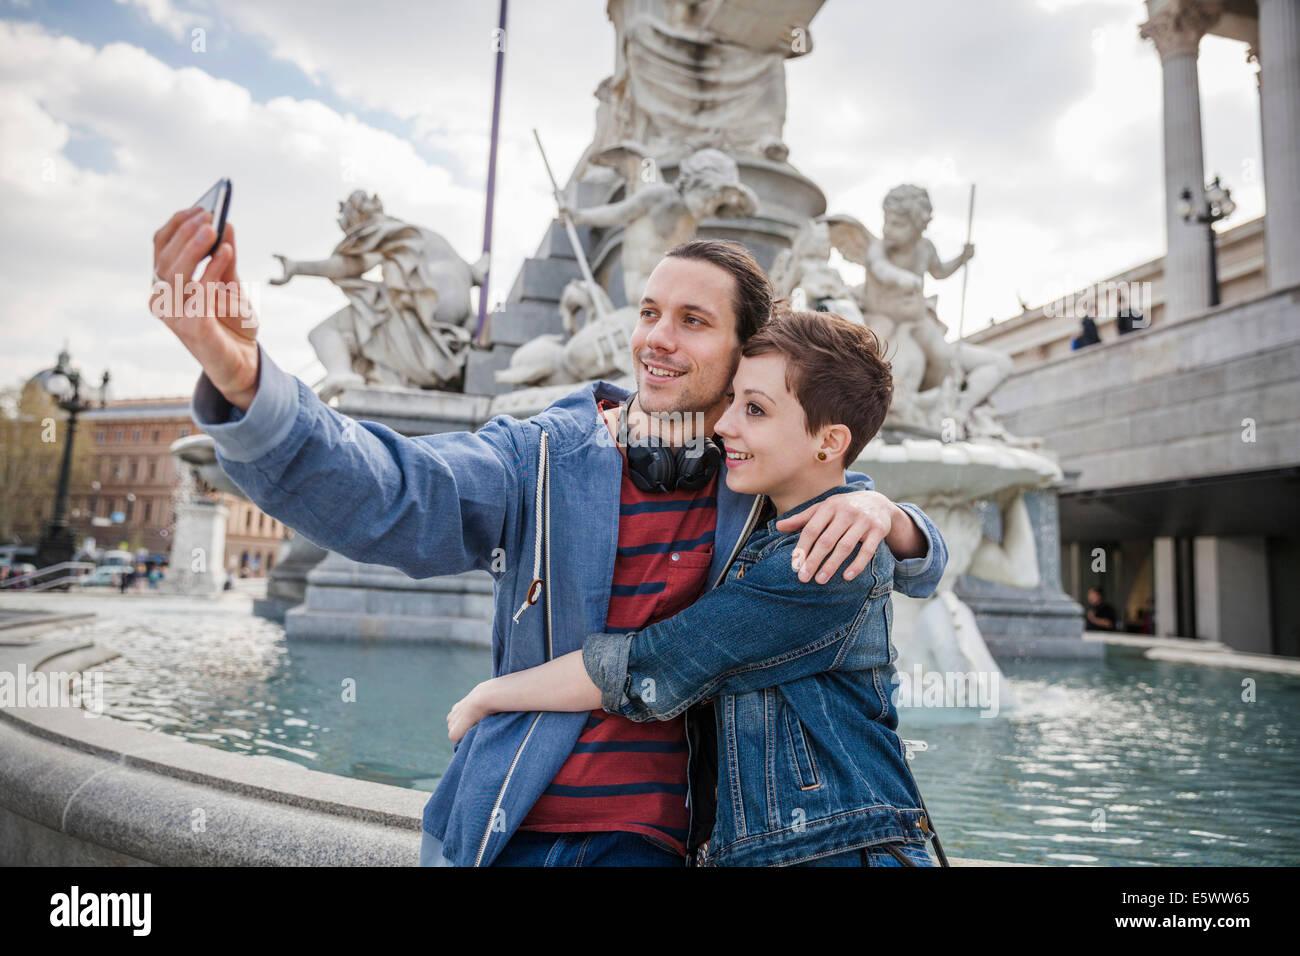 Junge Erwachsene paar unter Bild von sich selbst, Wien, Österreich Stockbild